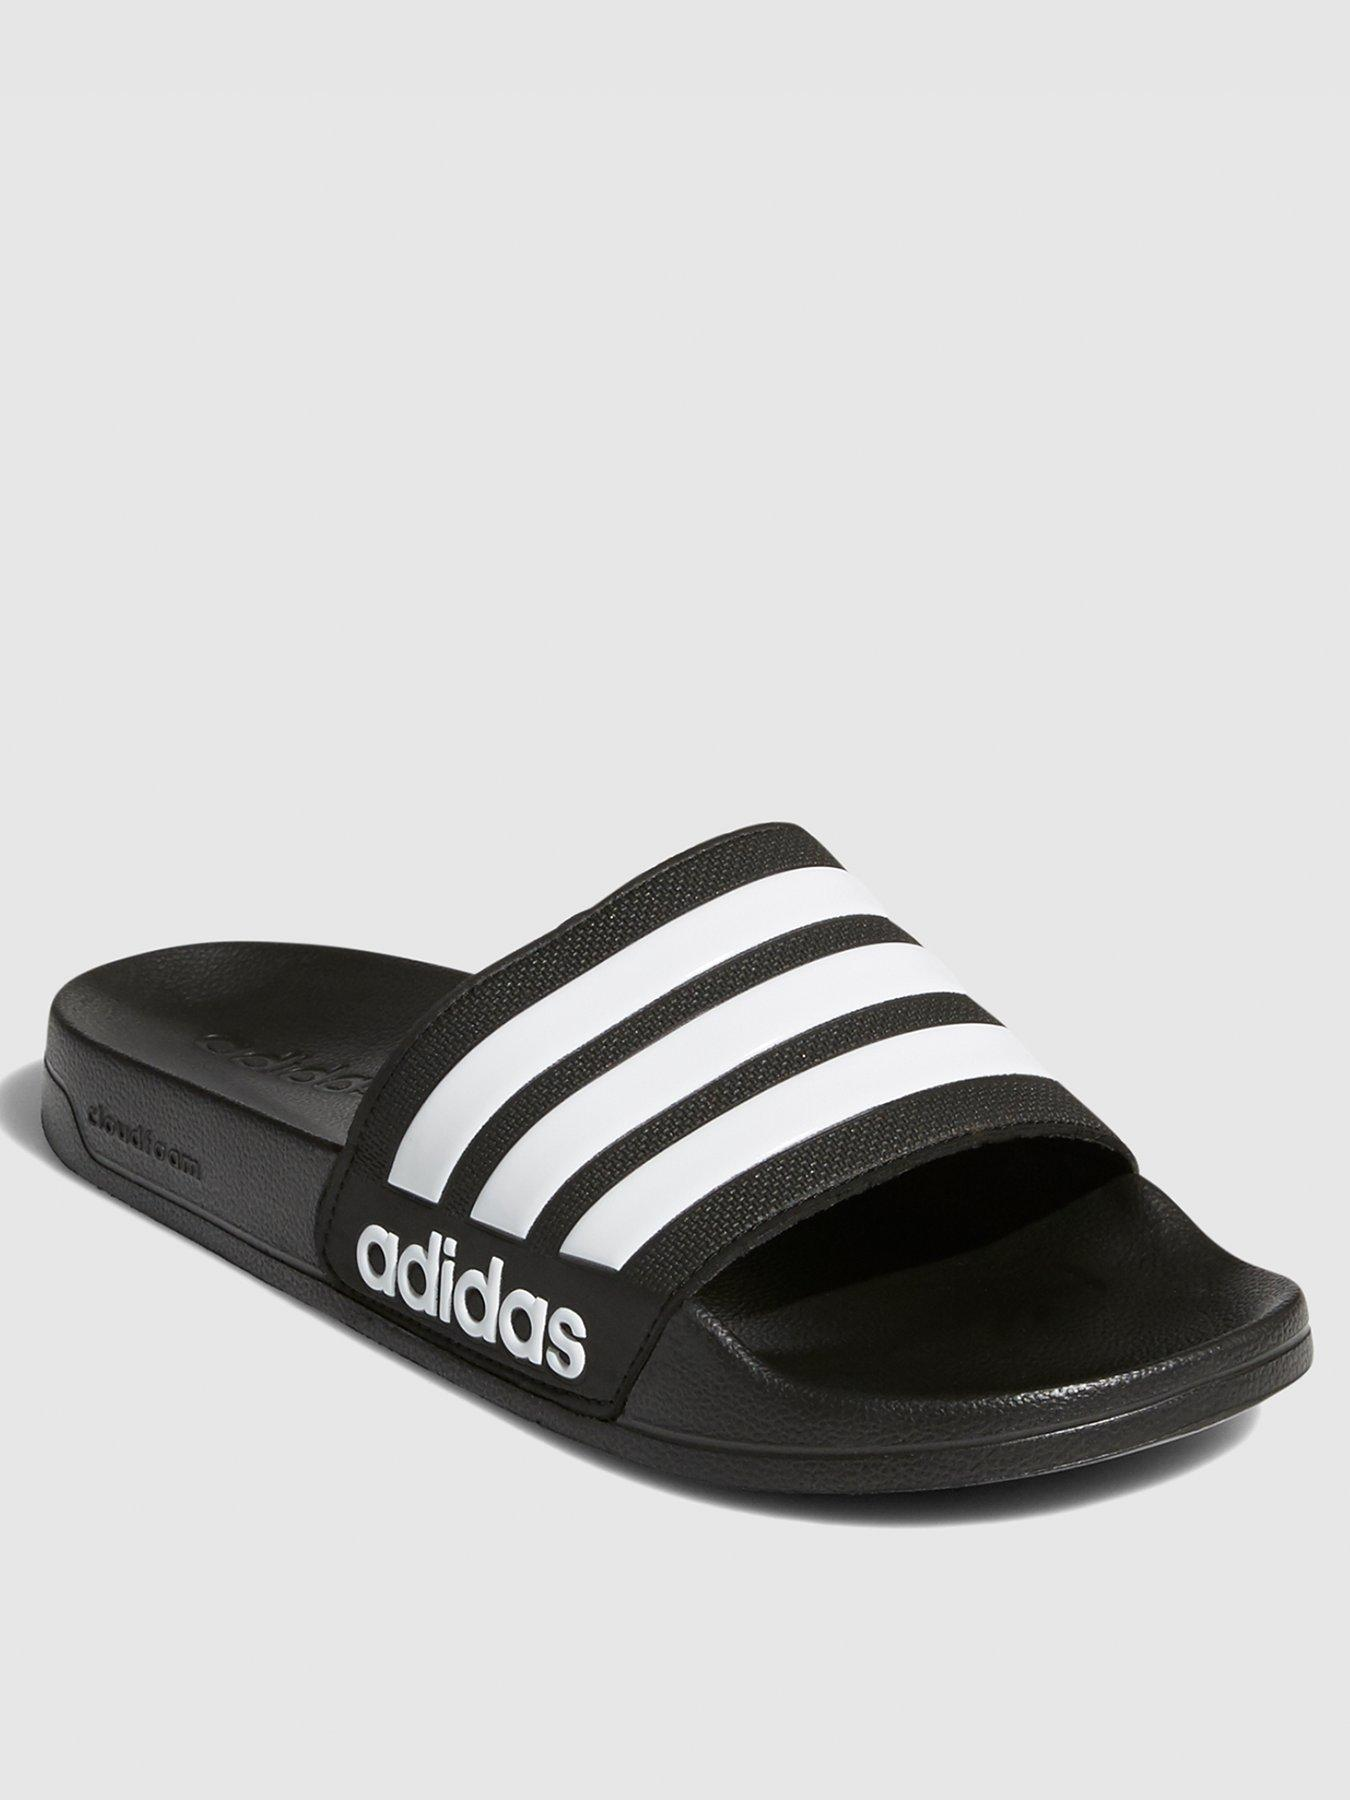 Flip flops \u0026 sandals | Shoes \u0026 boots